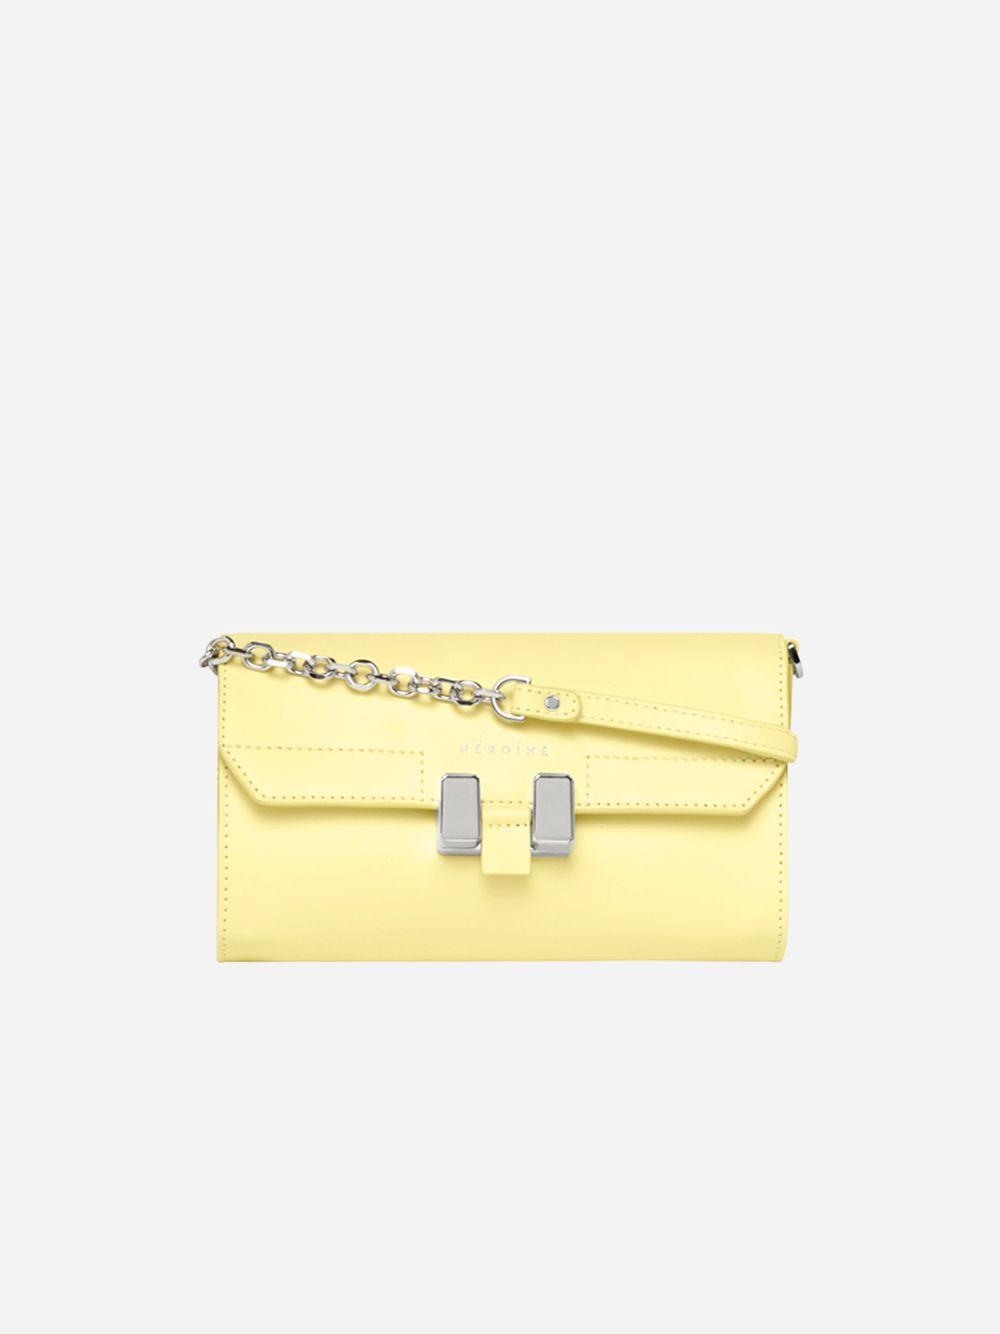 Mala Lemon Amal Phone | Maison Héroïne